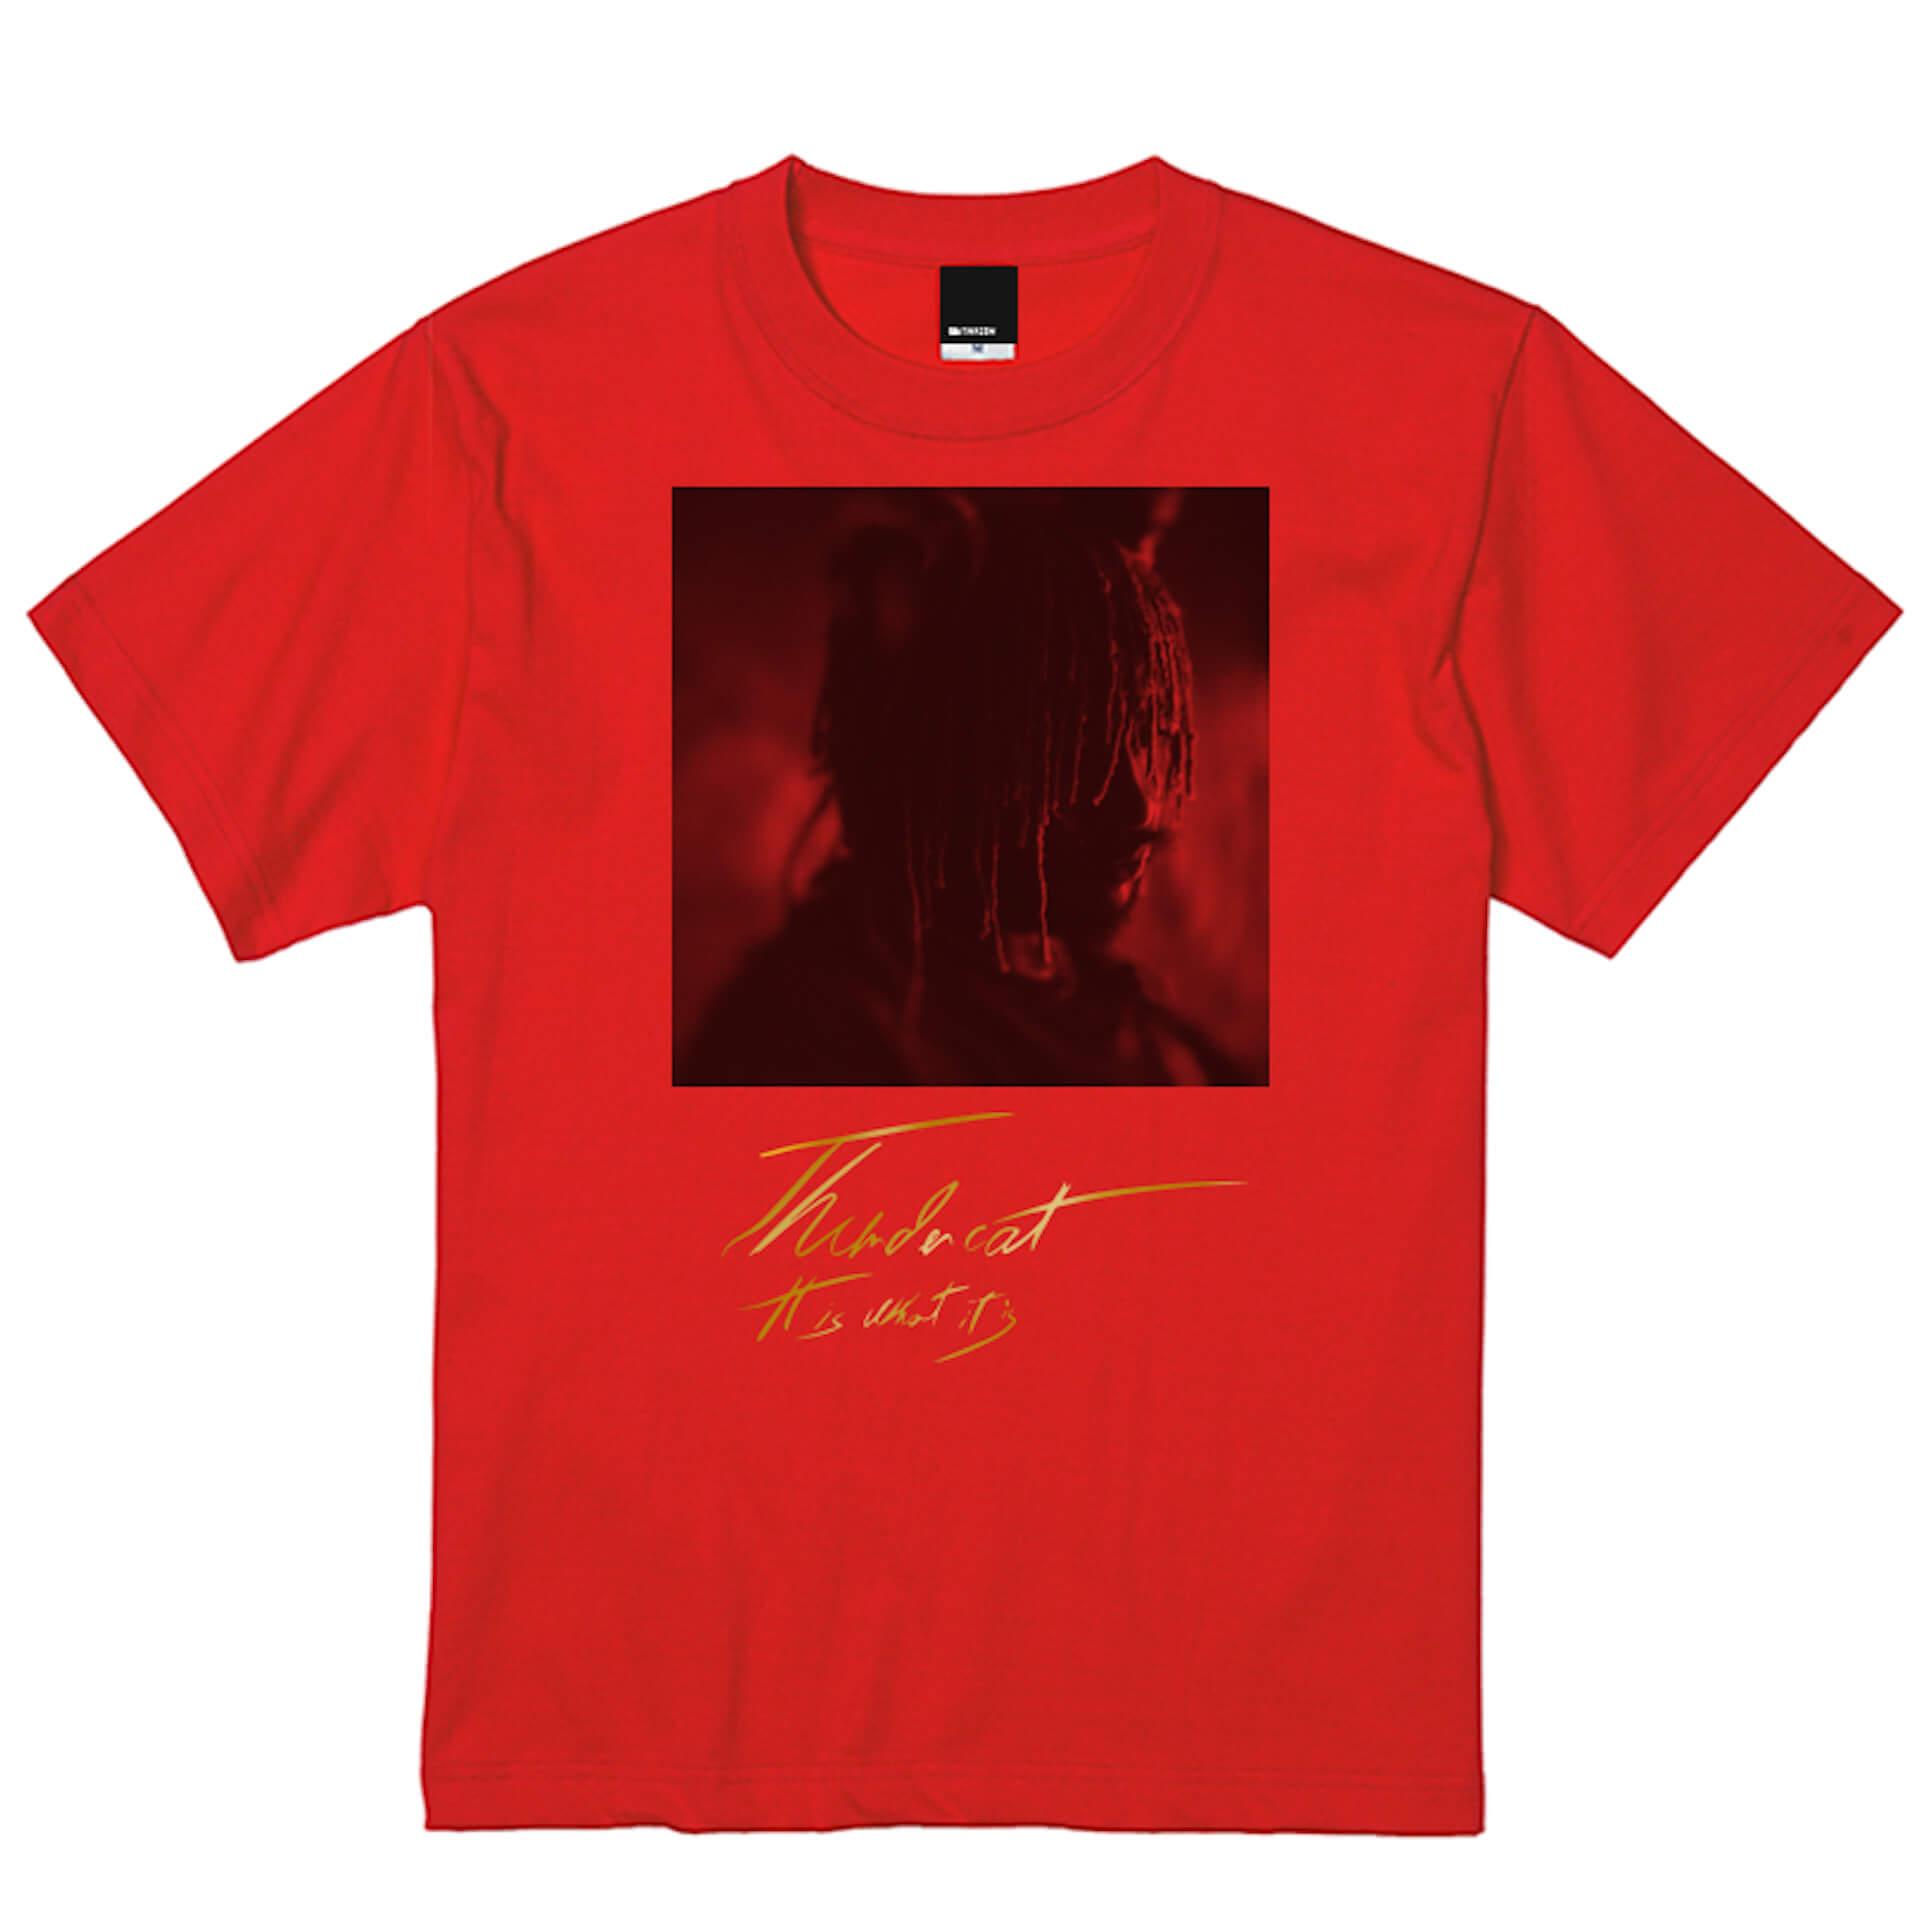 サンダーキャット話題の新作『It Is What It Is』の限定Tシャツセットデザインが公開|4種展開のLPプロダクトショットも解禁 music200129_thundercat_9